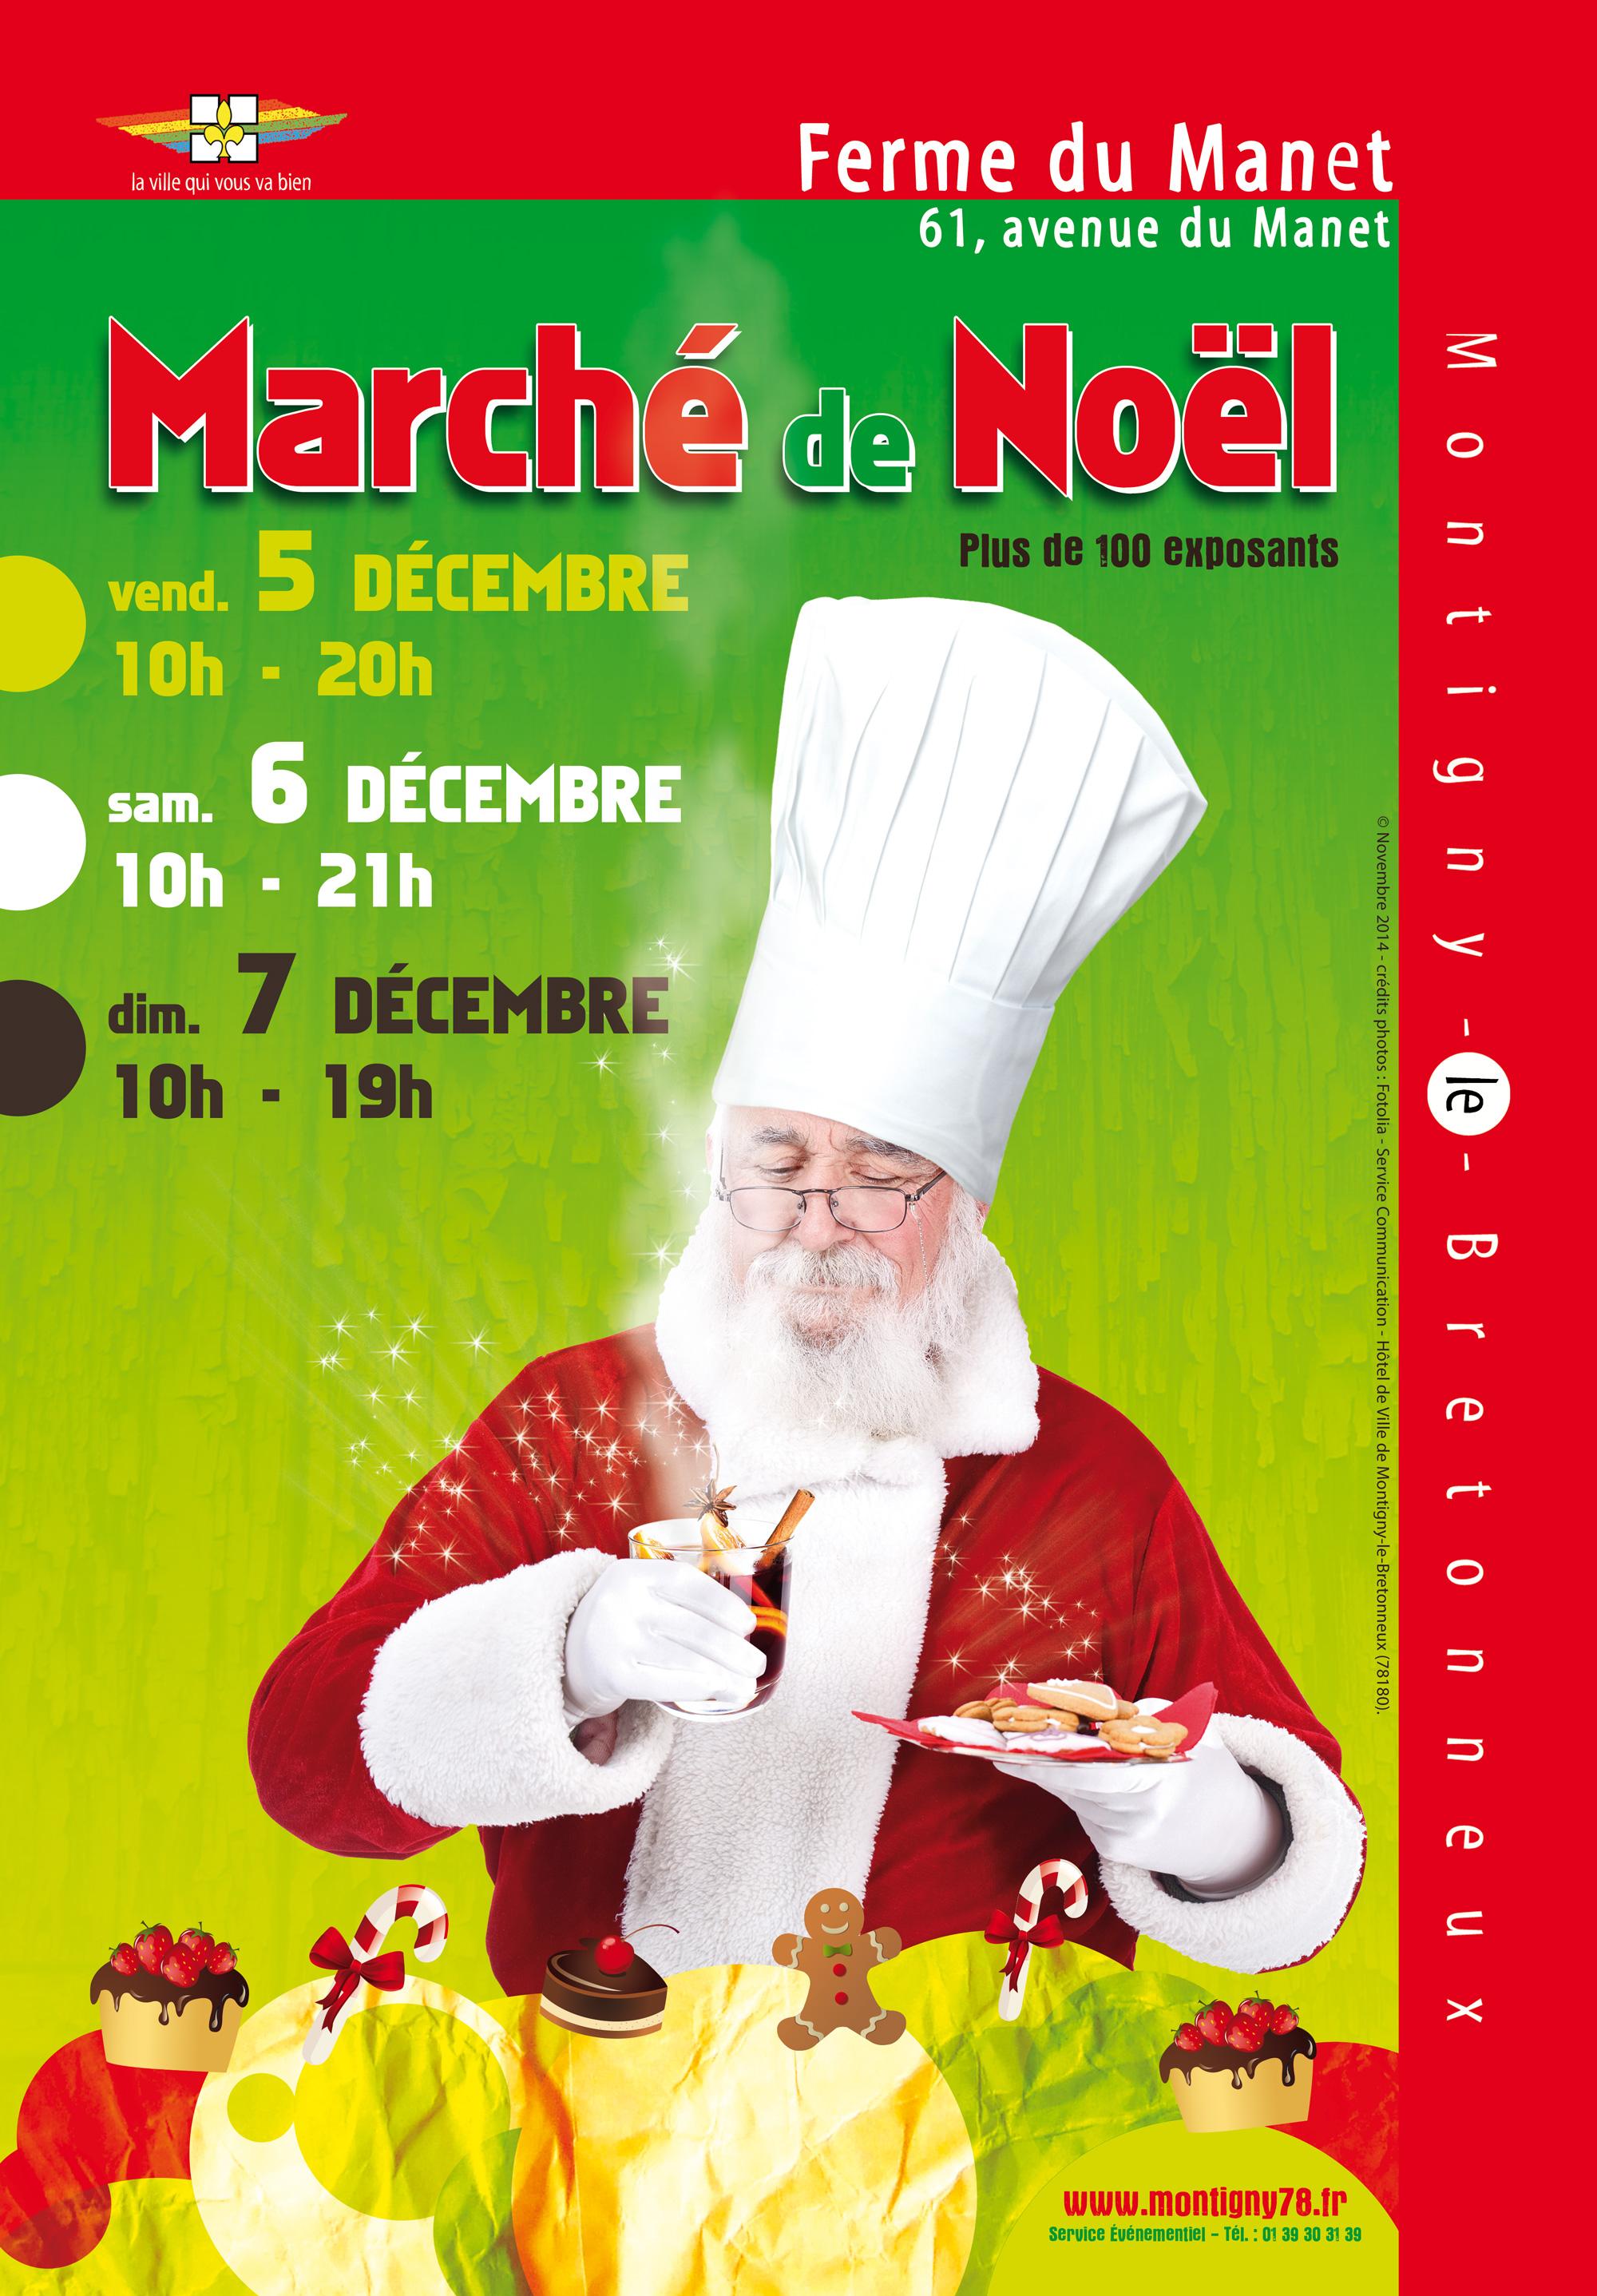 marché de noel 2018 yvelines Marché de Noël de Montigny le Bretonneux   Conseil départemental  marché de noel 2018 yvelines